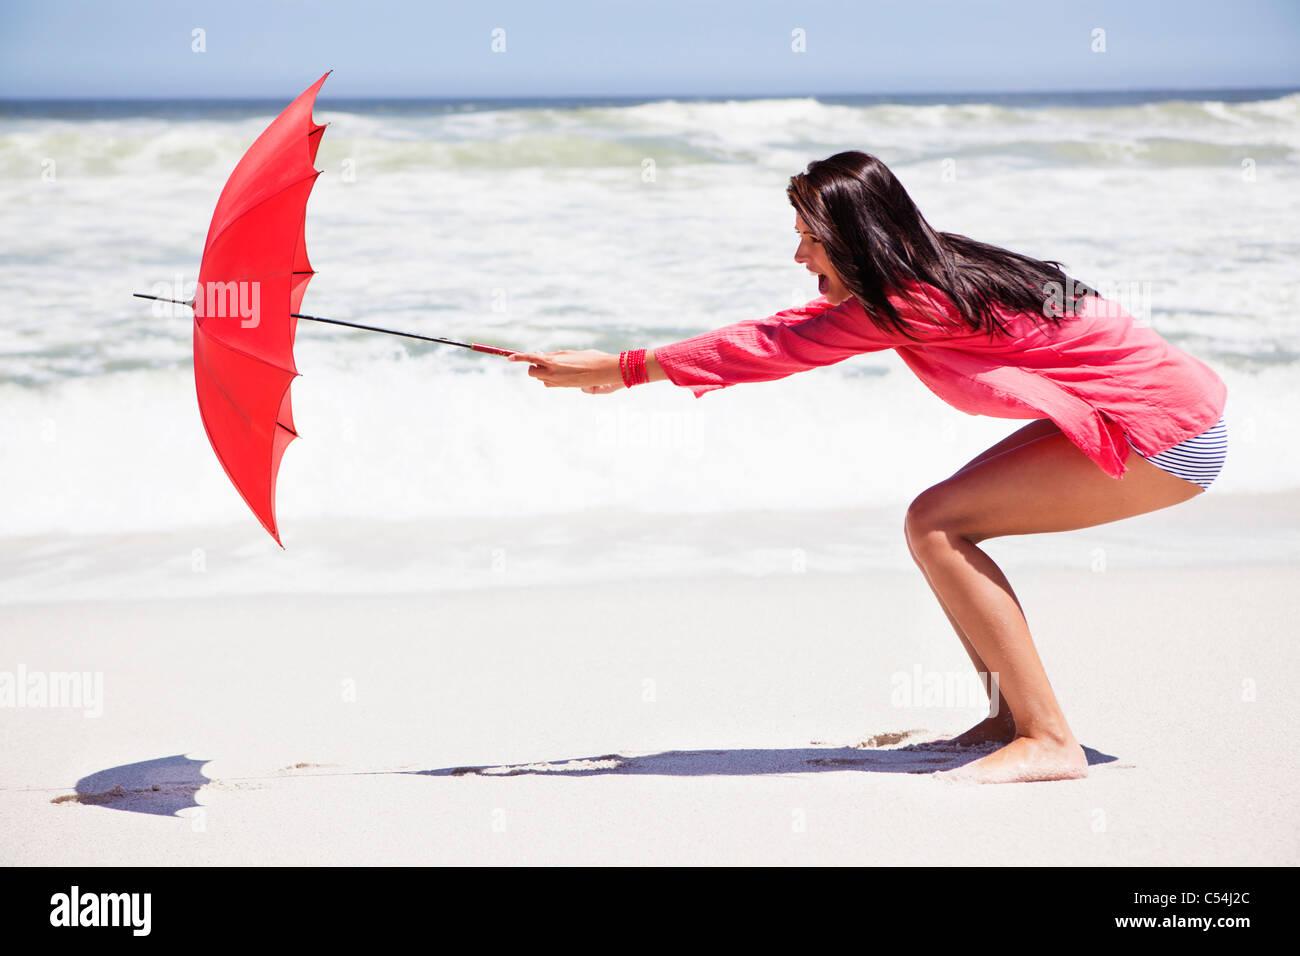 Femme essayant de tenir un parapluie dans le vent fort sur la plage Banque D'Images